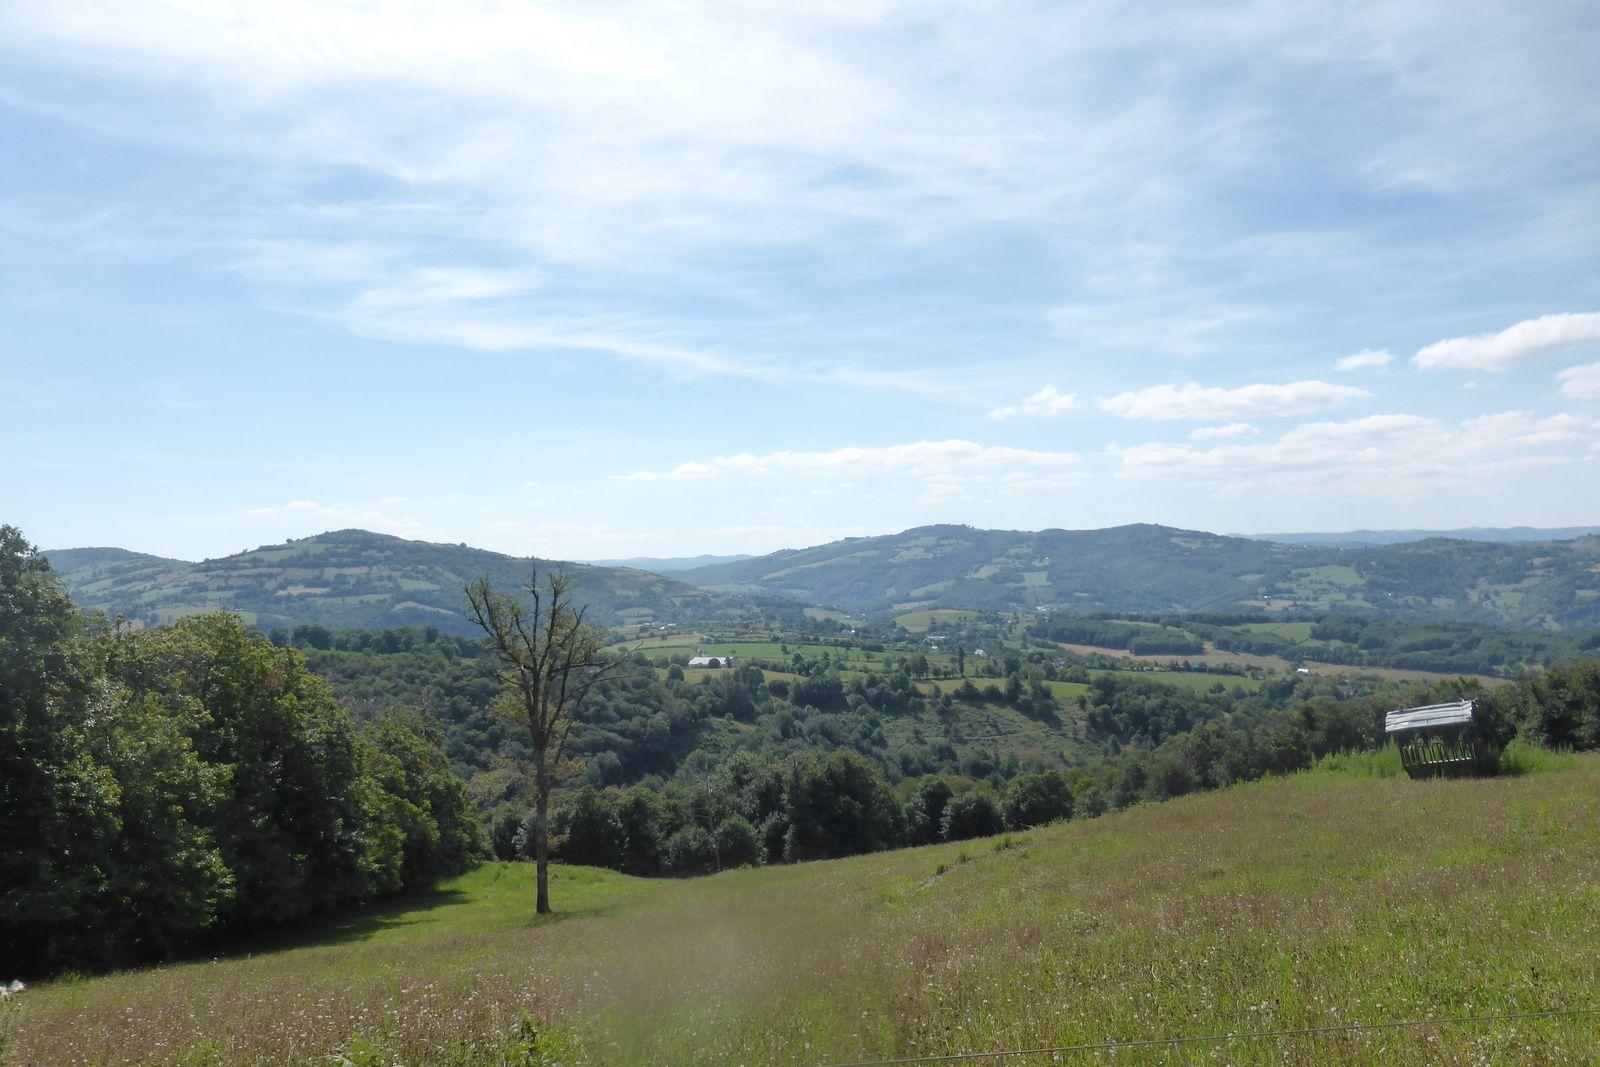 La descente est très agréable avec des paysages grandioses, l'Aveyron offre de beaux moments partout où l'on passe. Sylvie et Emeric sont ravis de cette descente qui n'en finit pas !